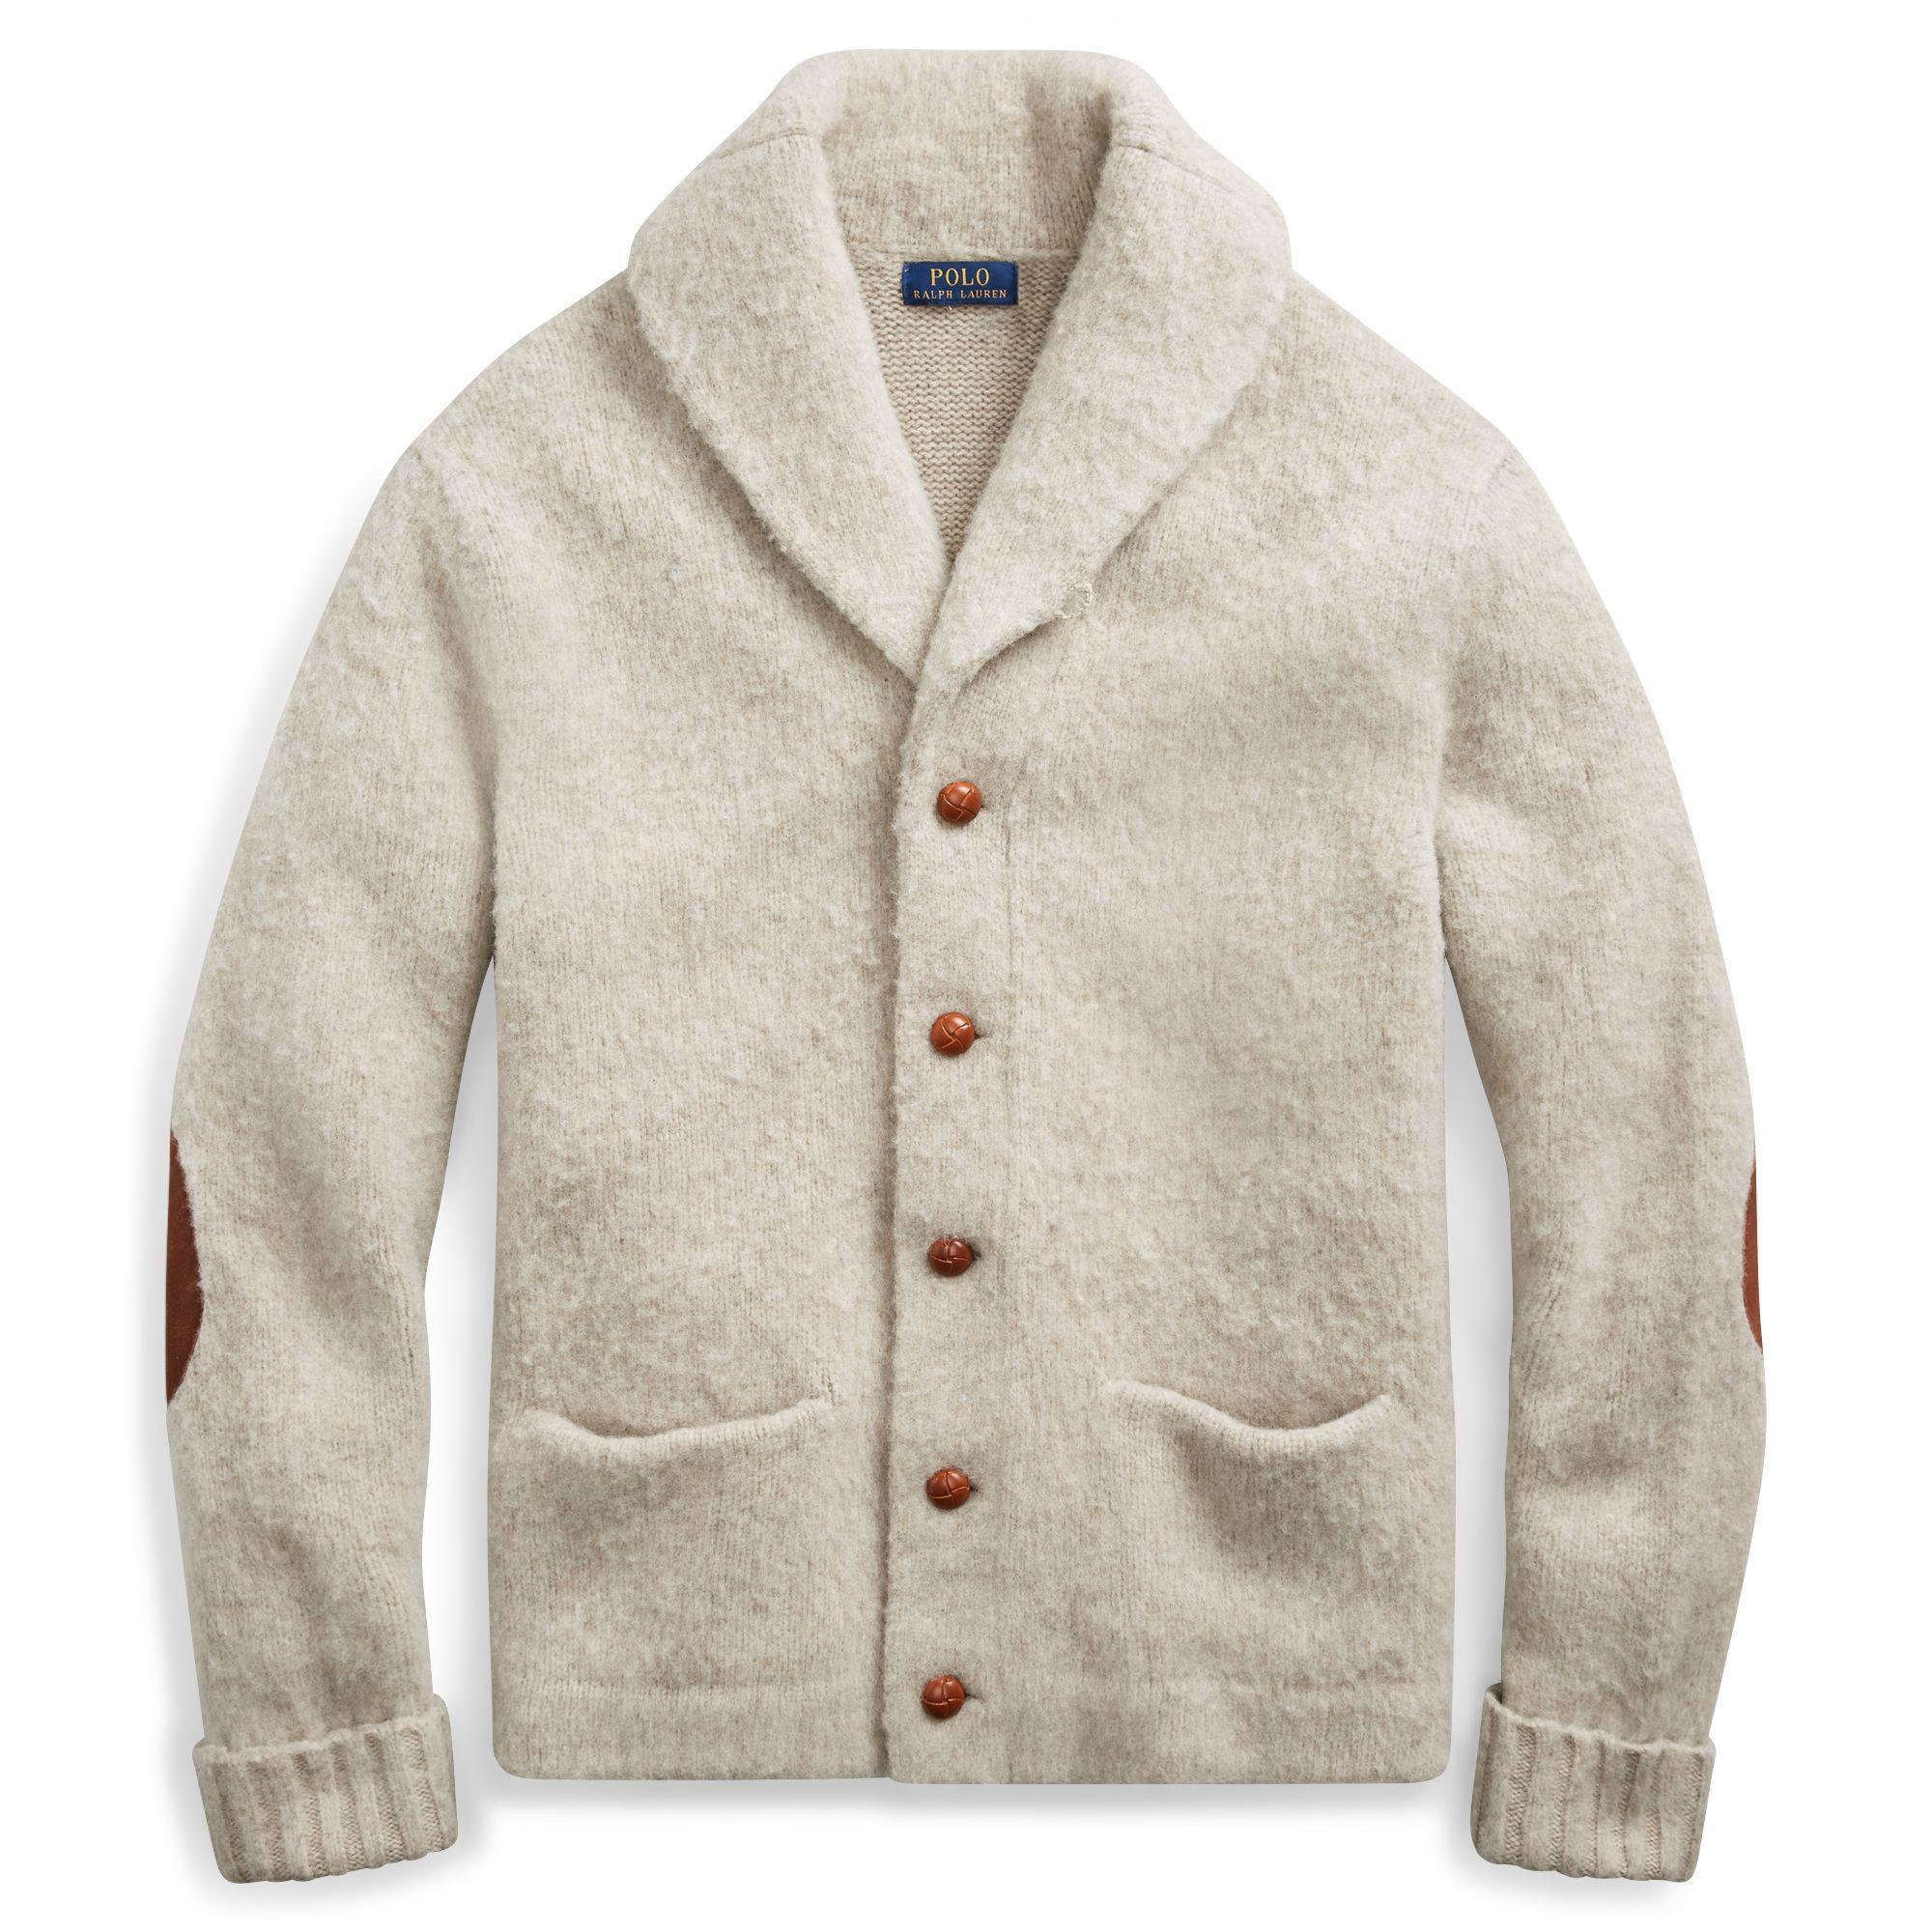 89da1fa7ed Polo Ralph Lauren Multicolor Merino Wool Shawl Cardigan for men